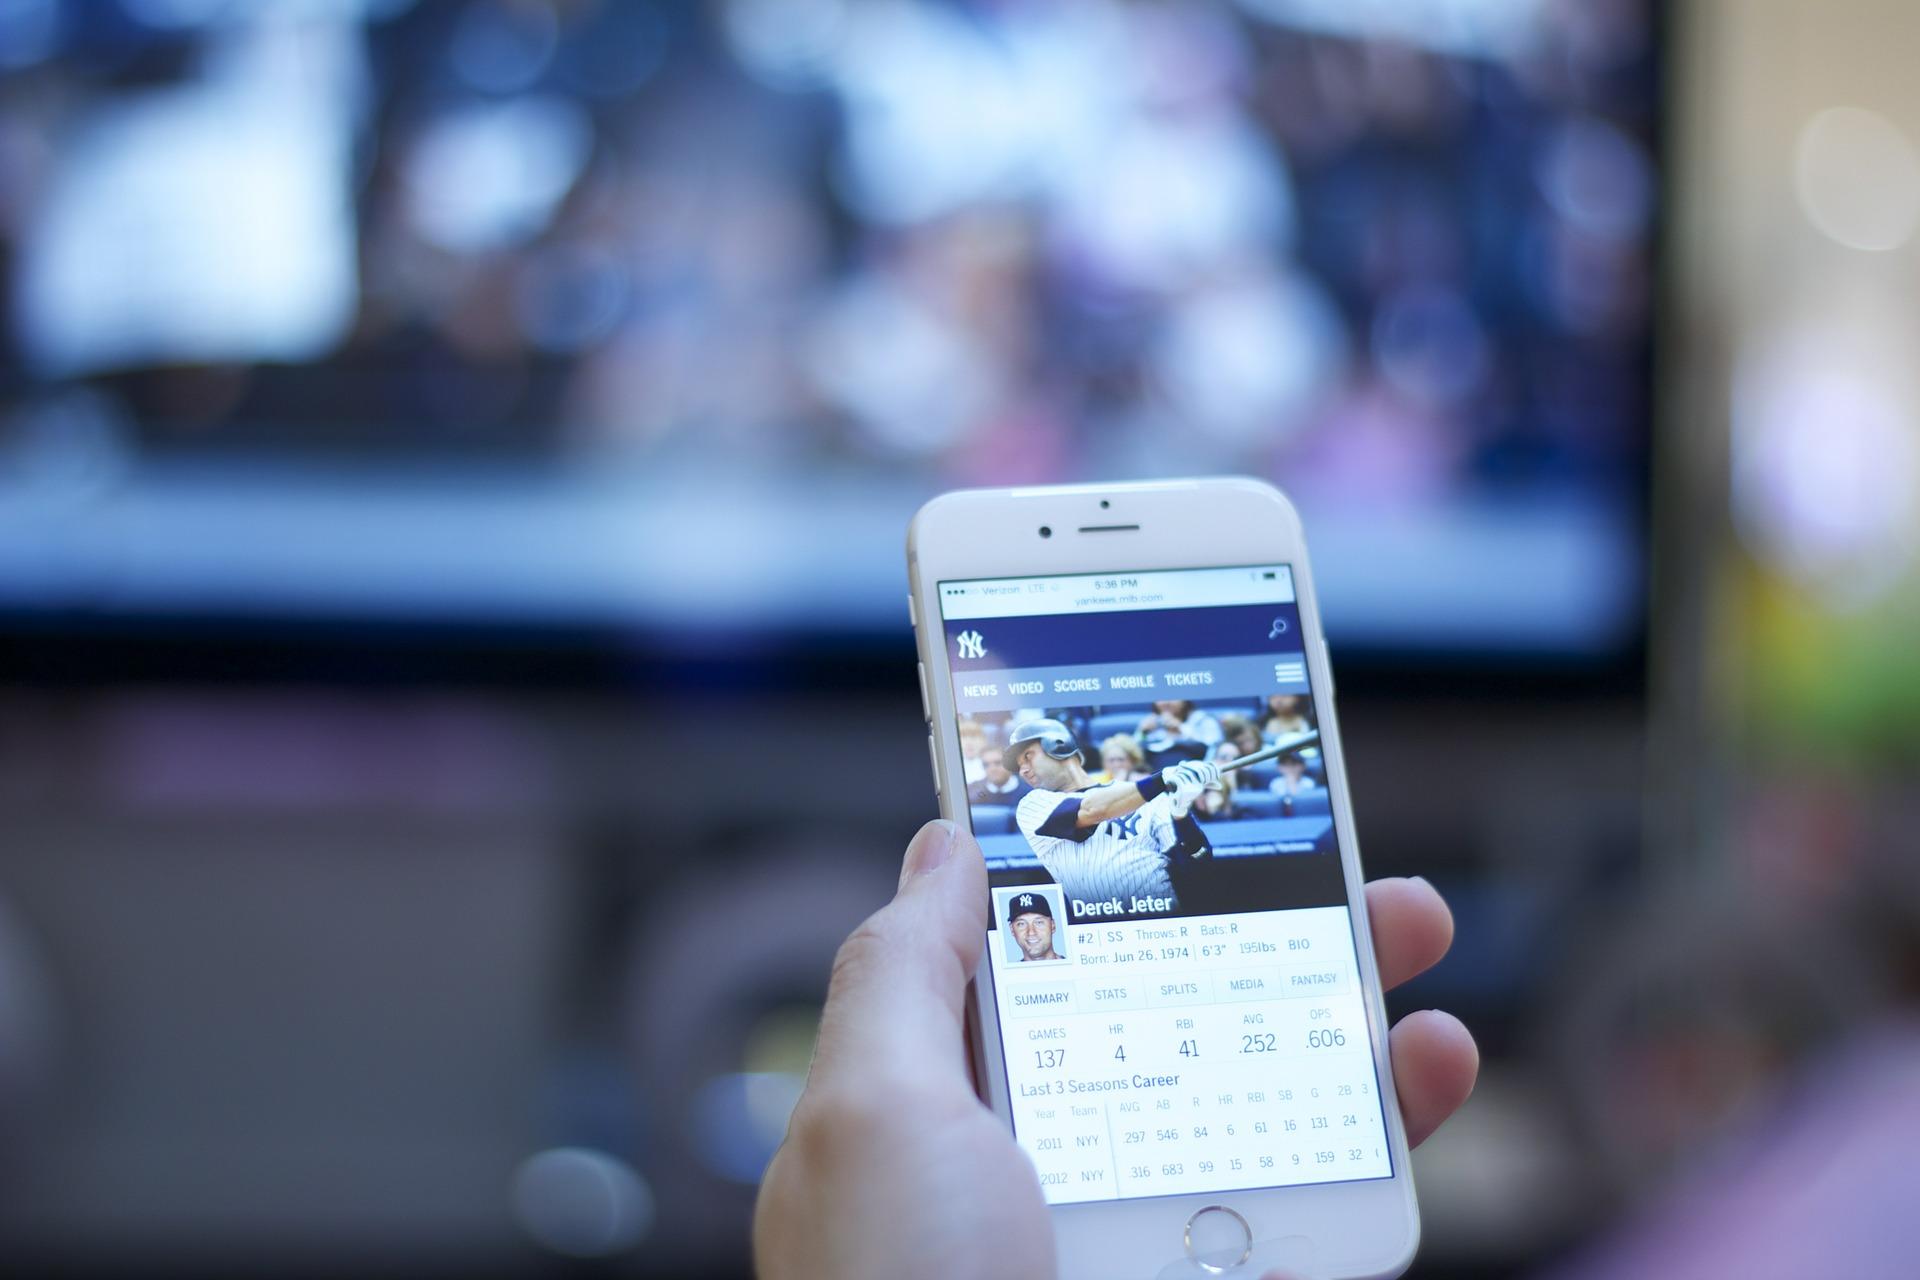 France Télévisions : un coup de rabot en vue, mais des objectifs de production ambitieux